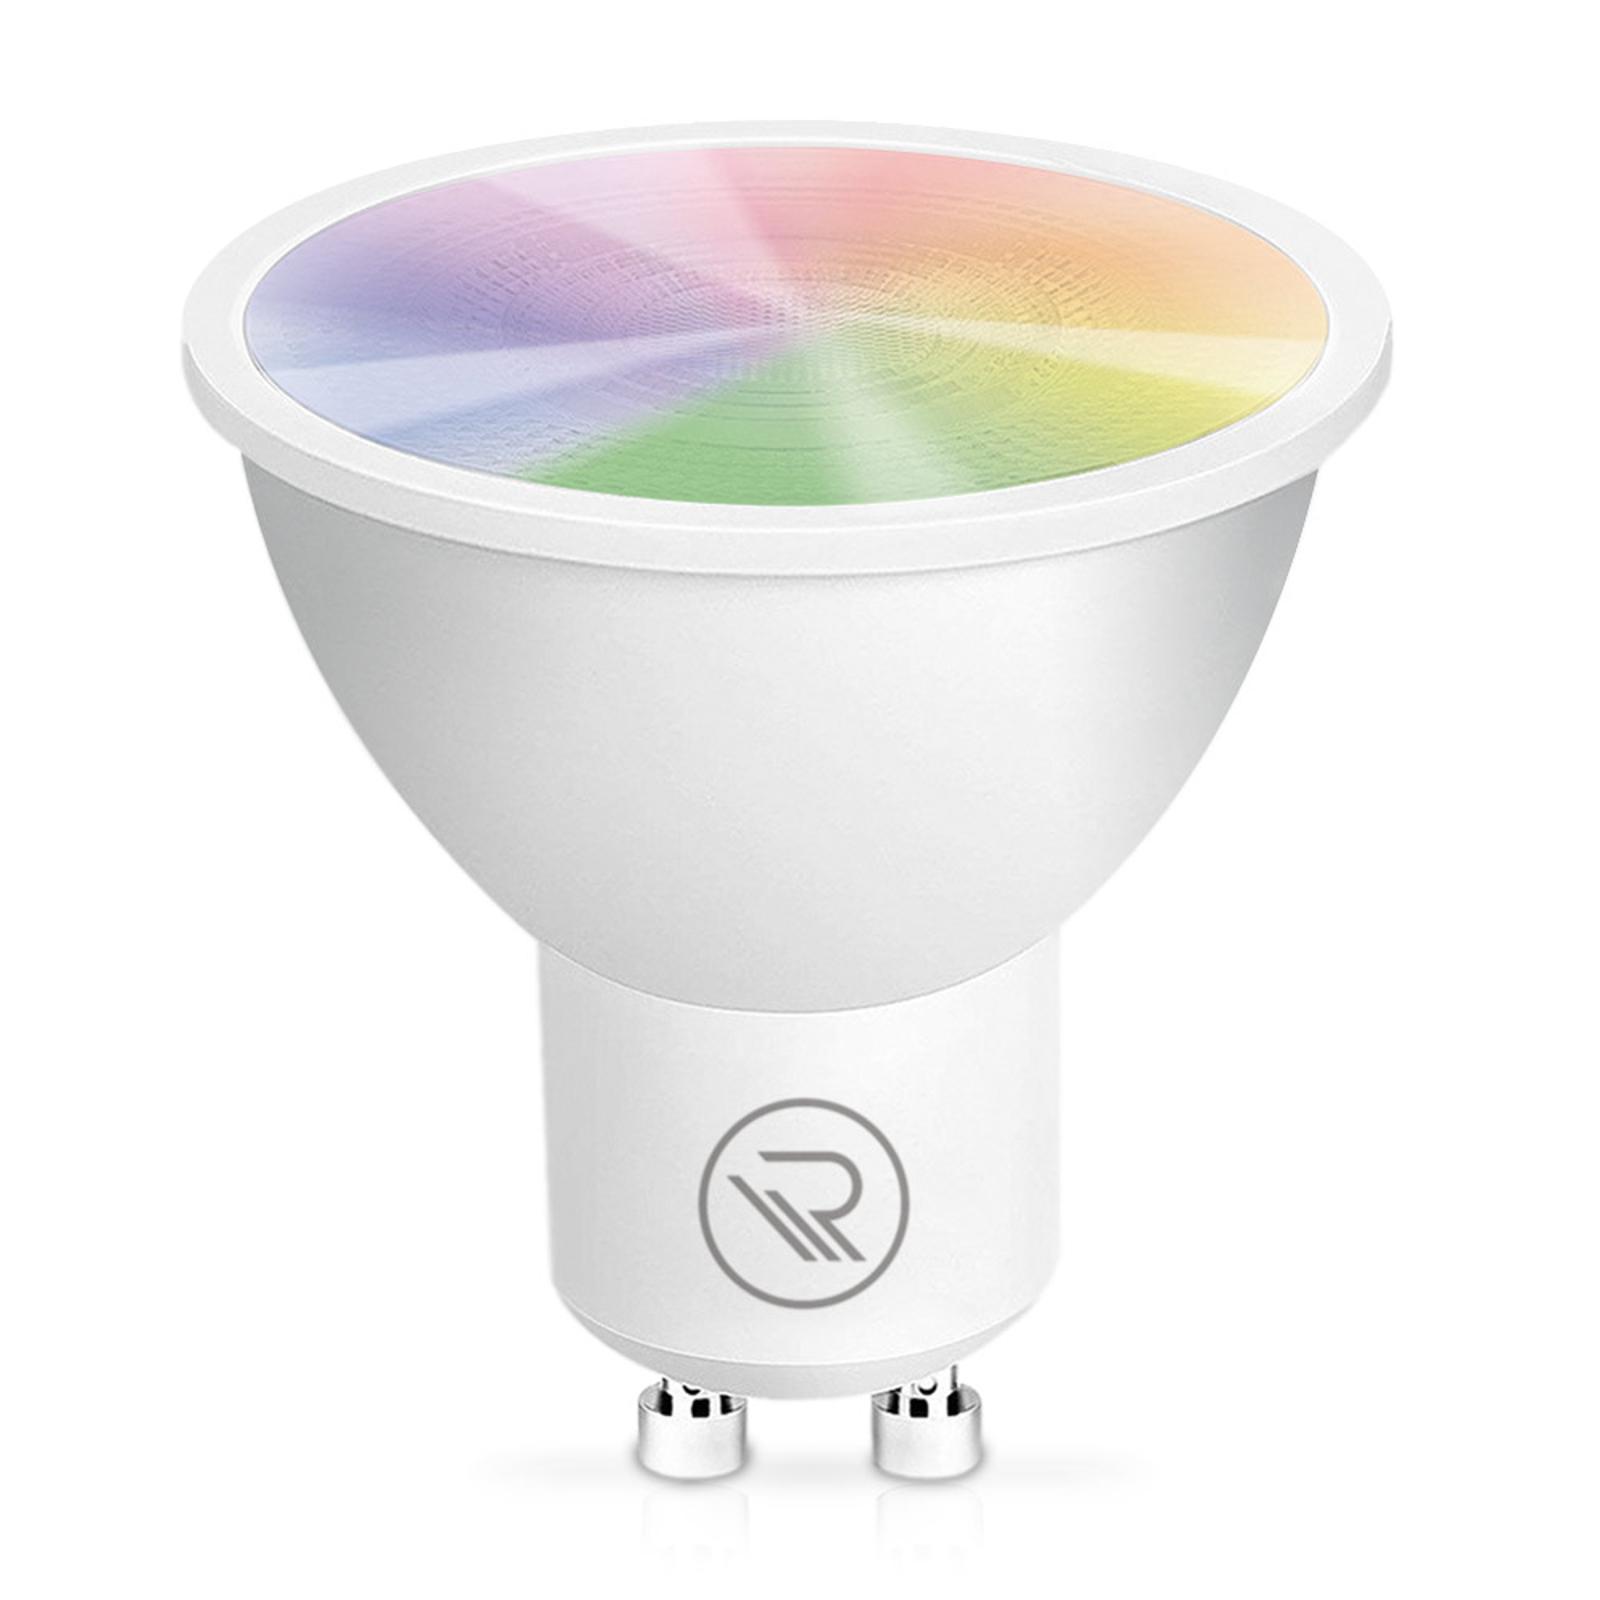 Rademacher addZ ZigBee GU10 4,8W LED-Lampe RGBW